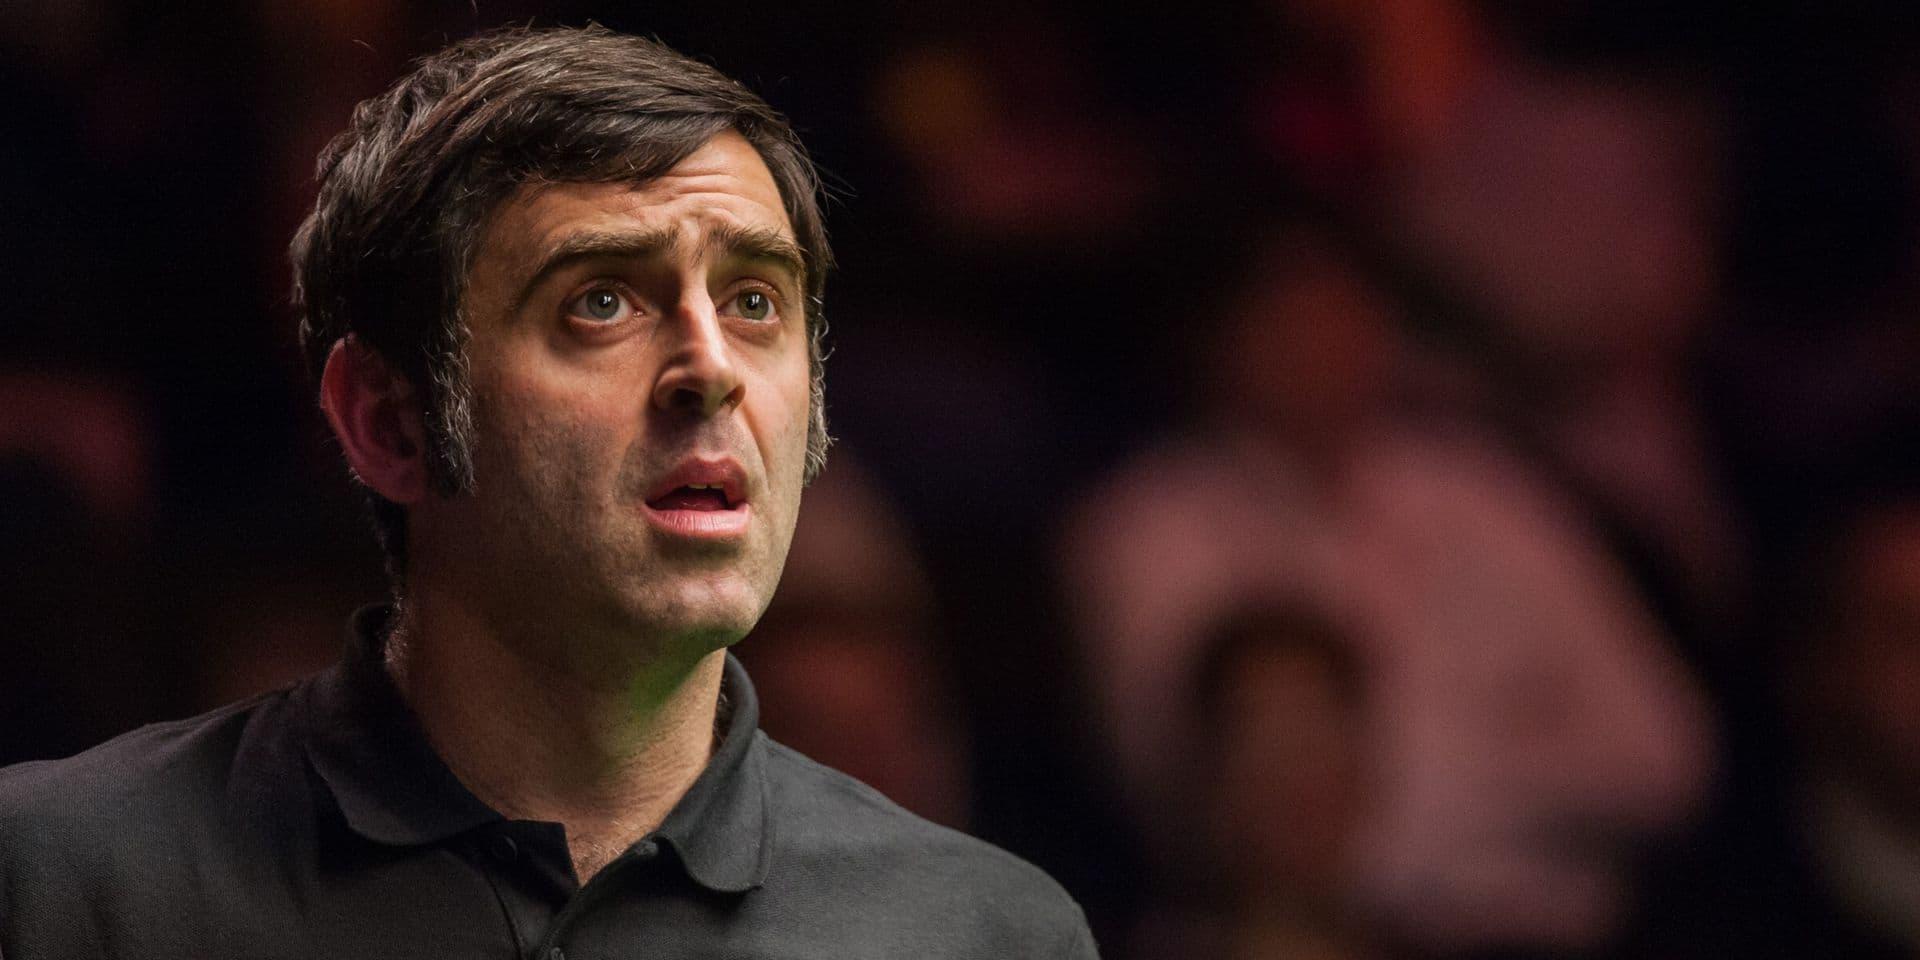 """Championnat du monde de snooker : Ronnie O'Sullivan pense que les joueurs sont """"traités comme des rats de laboratoire"""""""